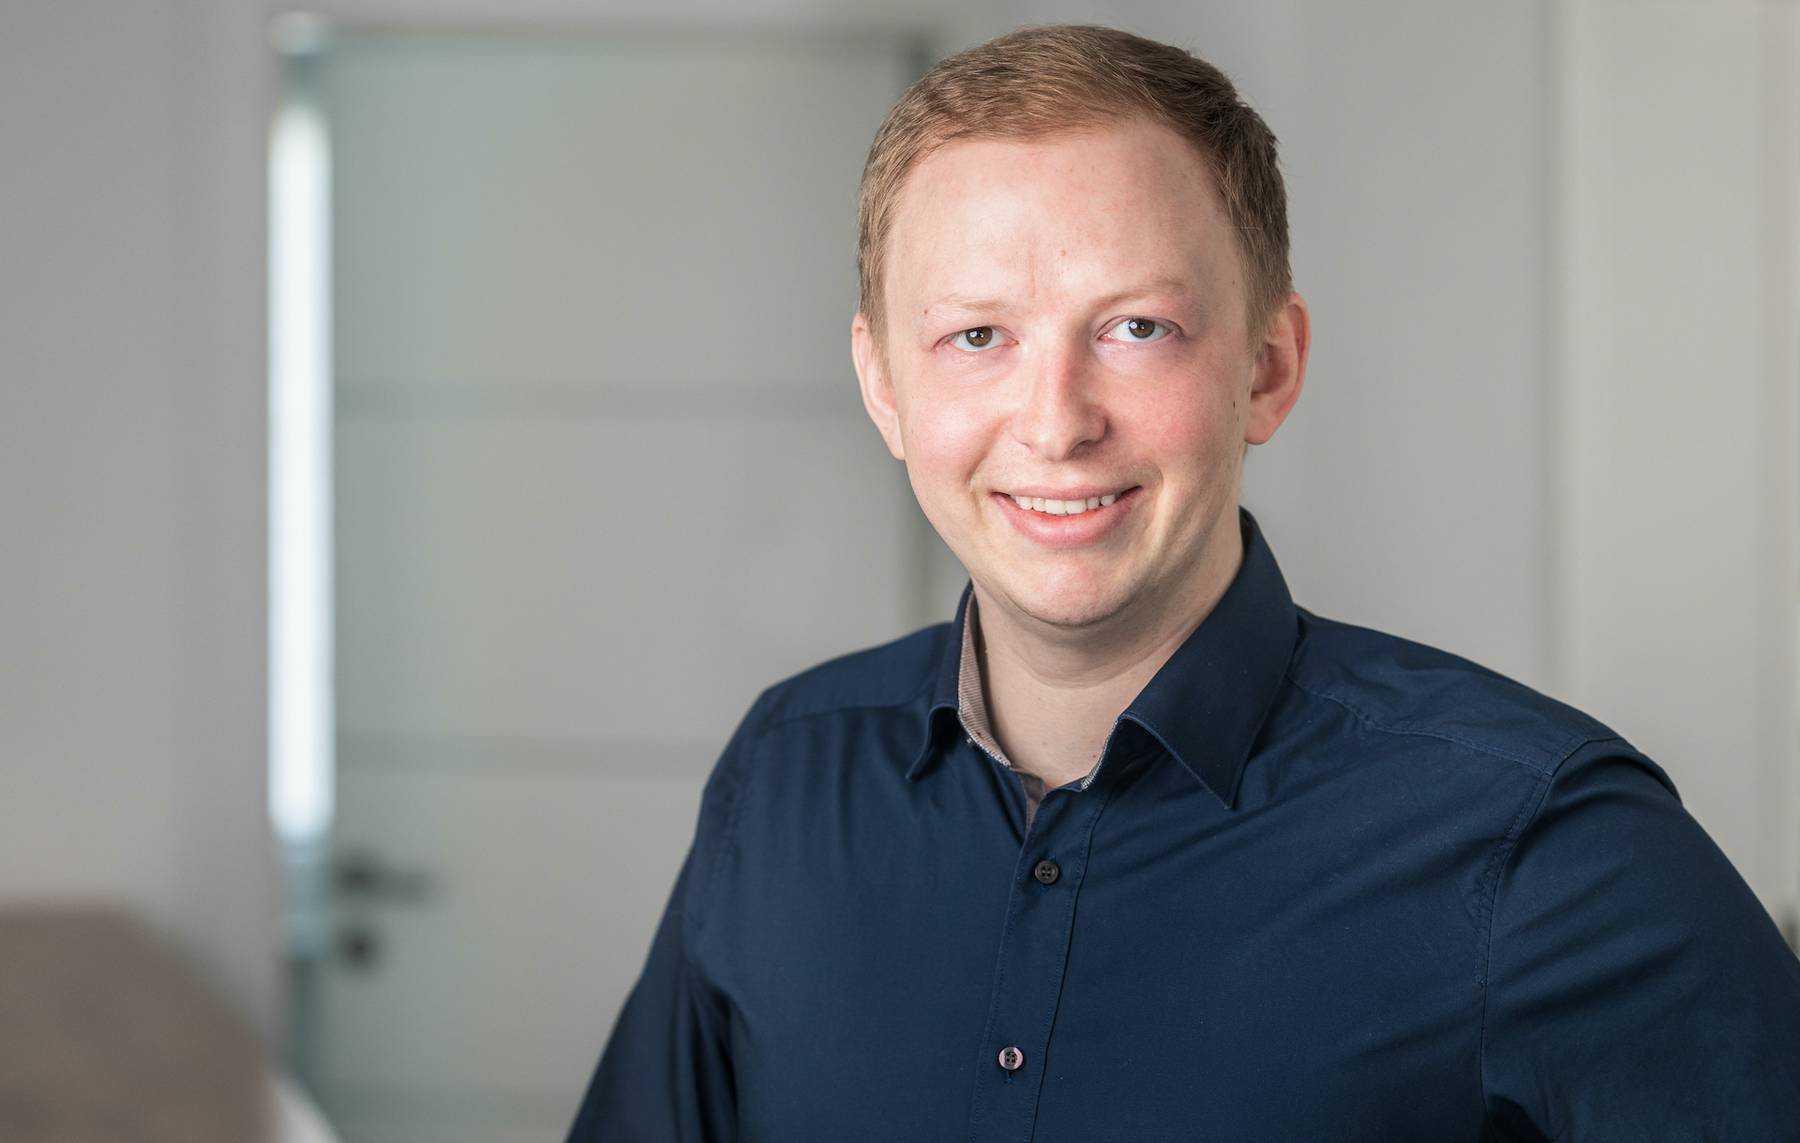 Michael Hoffmann (Mokkapps) - Senior Frontend Developer (Freelancer)